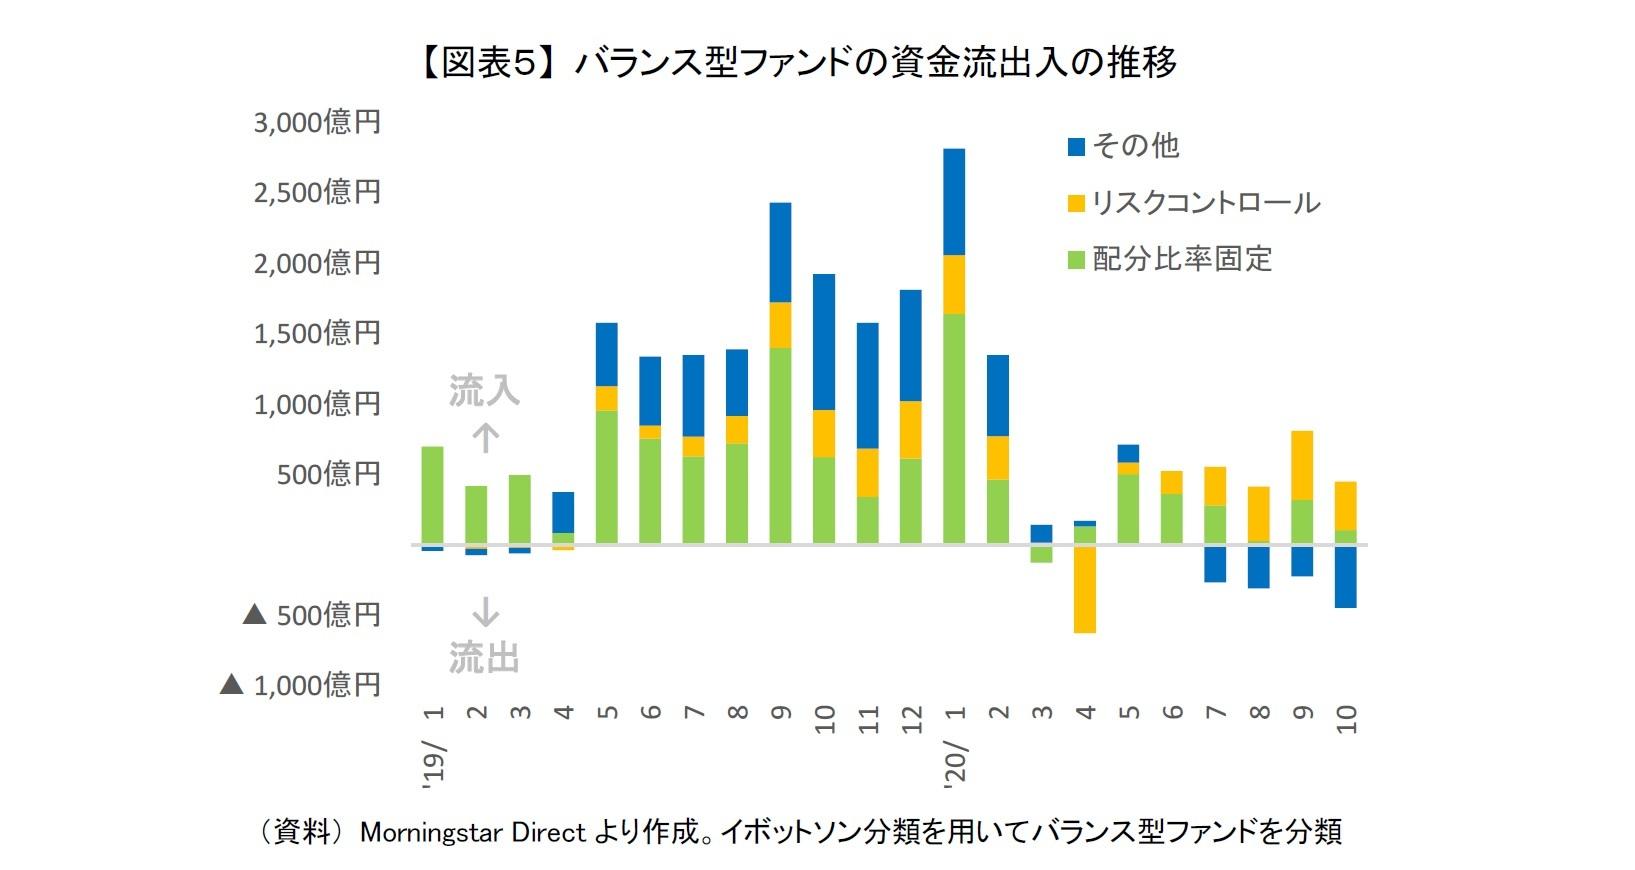 【図表5】 バランス型ファンドの資金流出入の推移